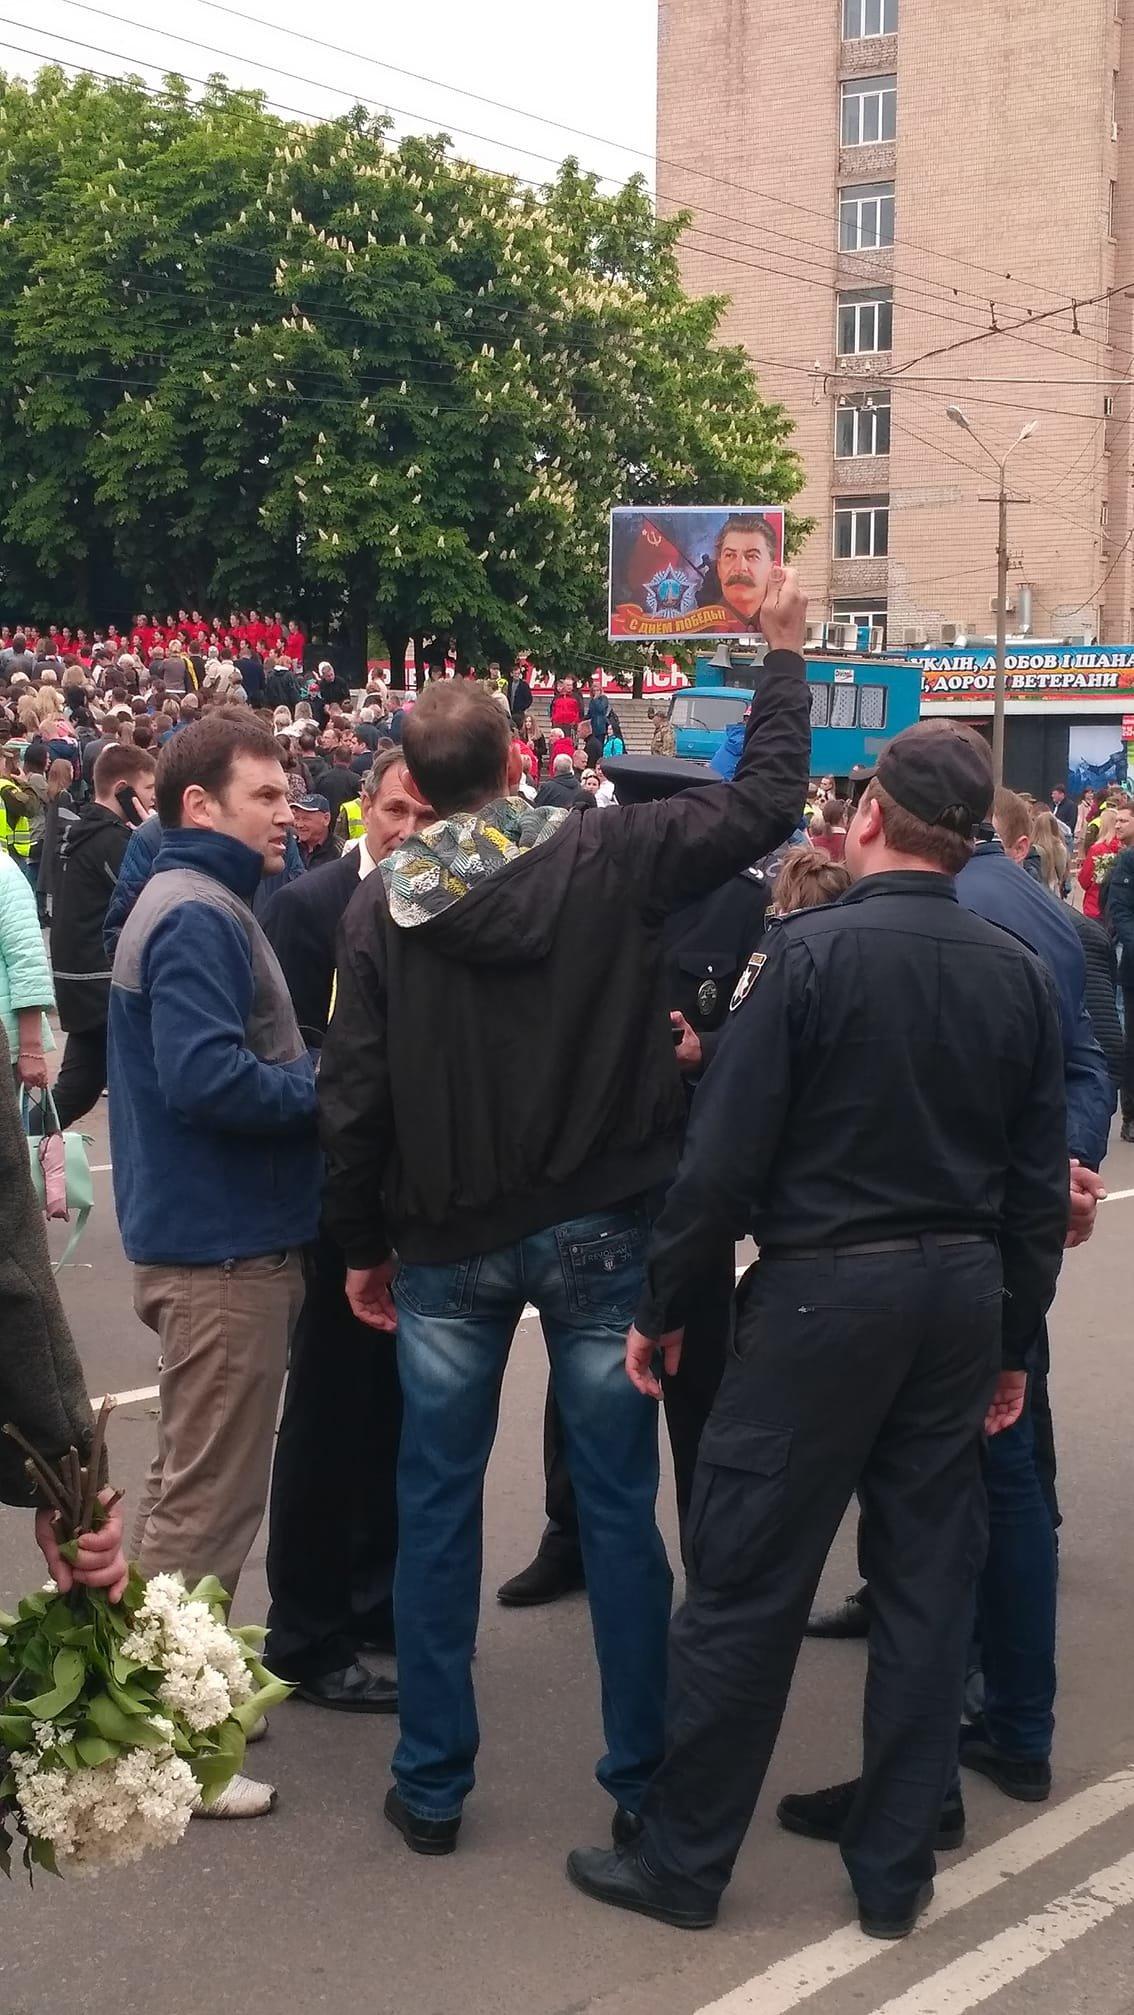 В День победы криворожанин пришел на торжество с портретом Сталина, - ФОТО, фото-1